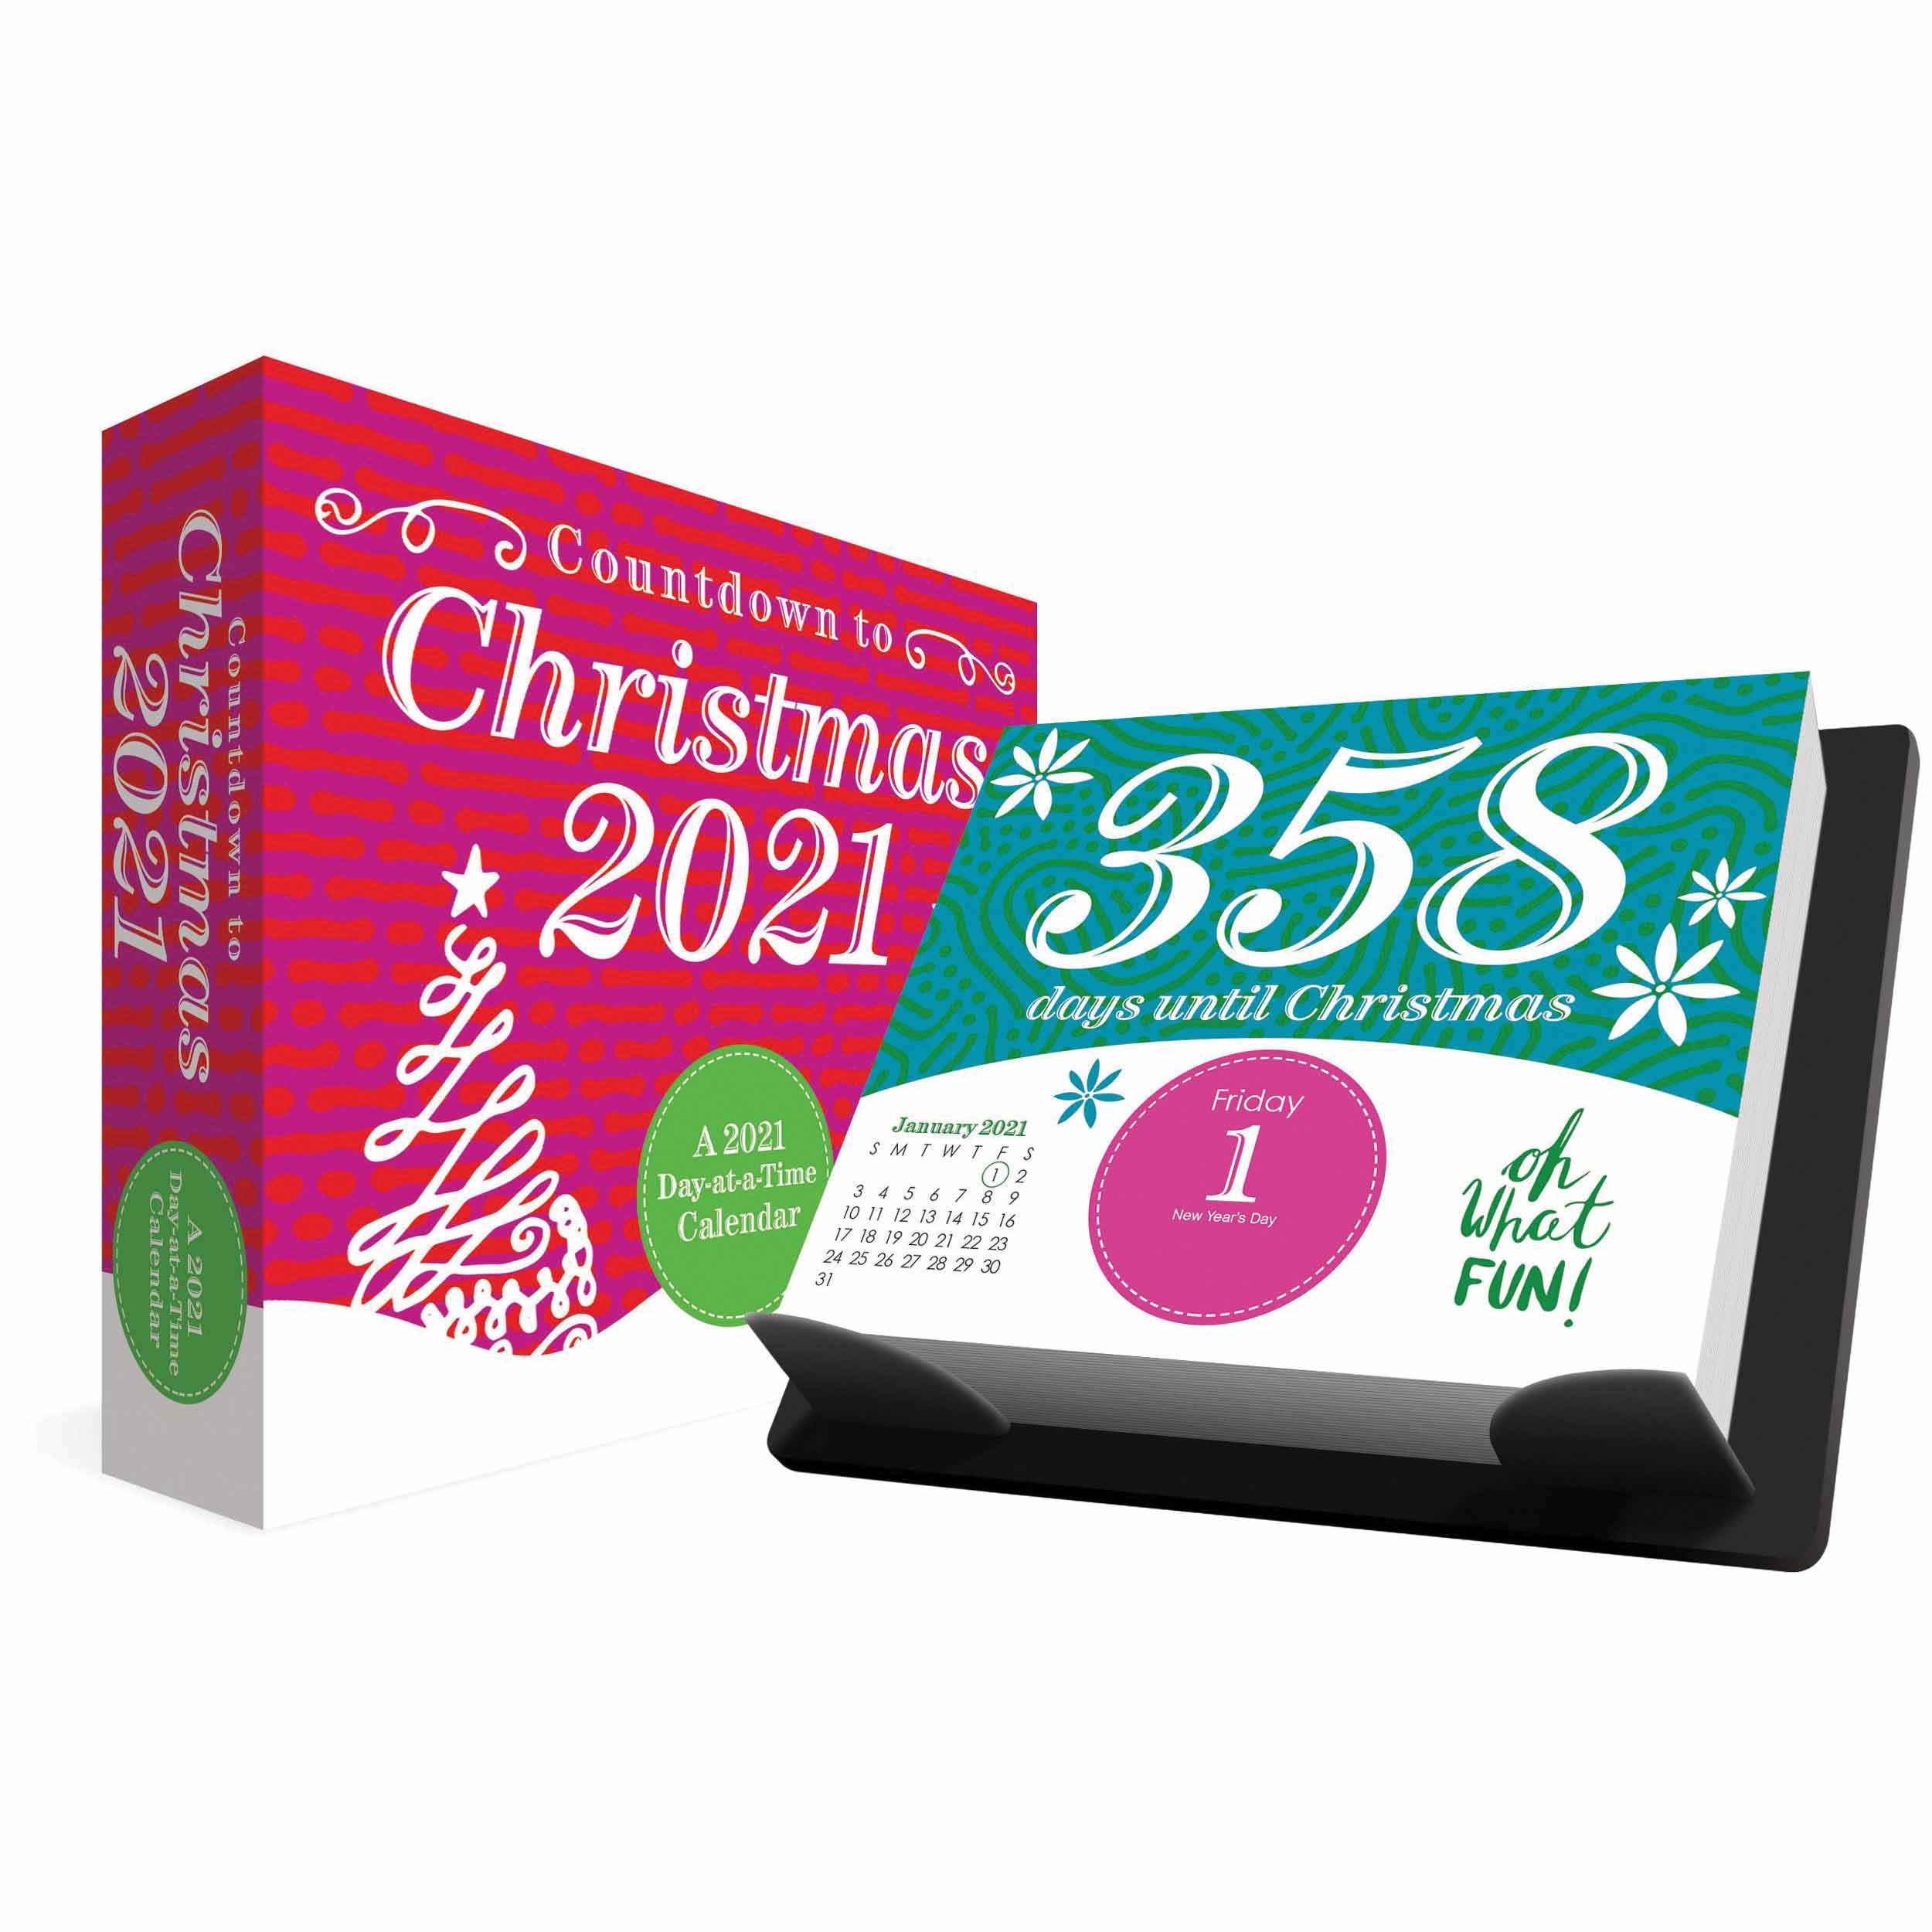 Countdown To Christmas Desk Calendar 2021 At Calendar Club 1